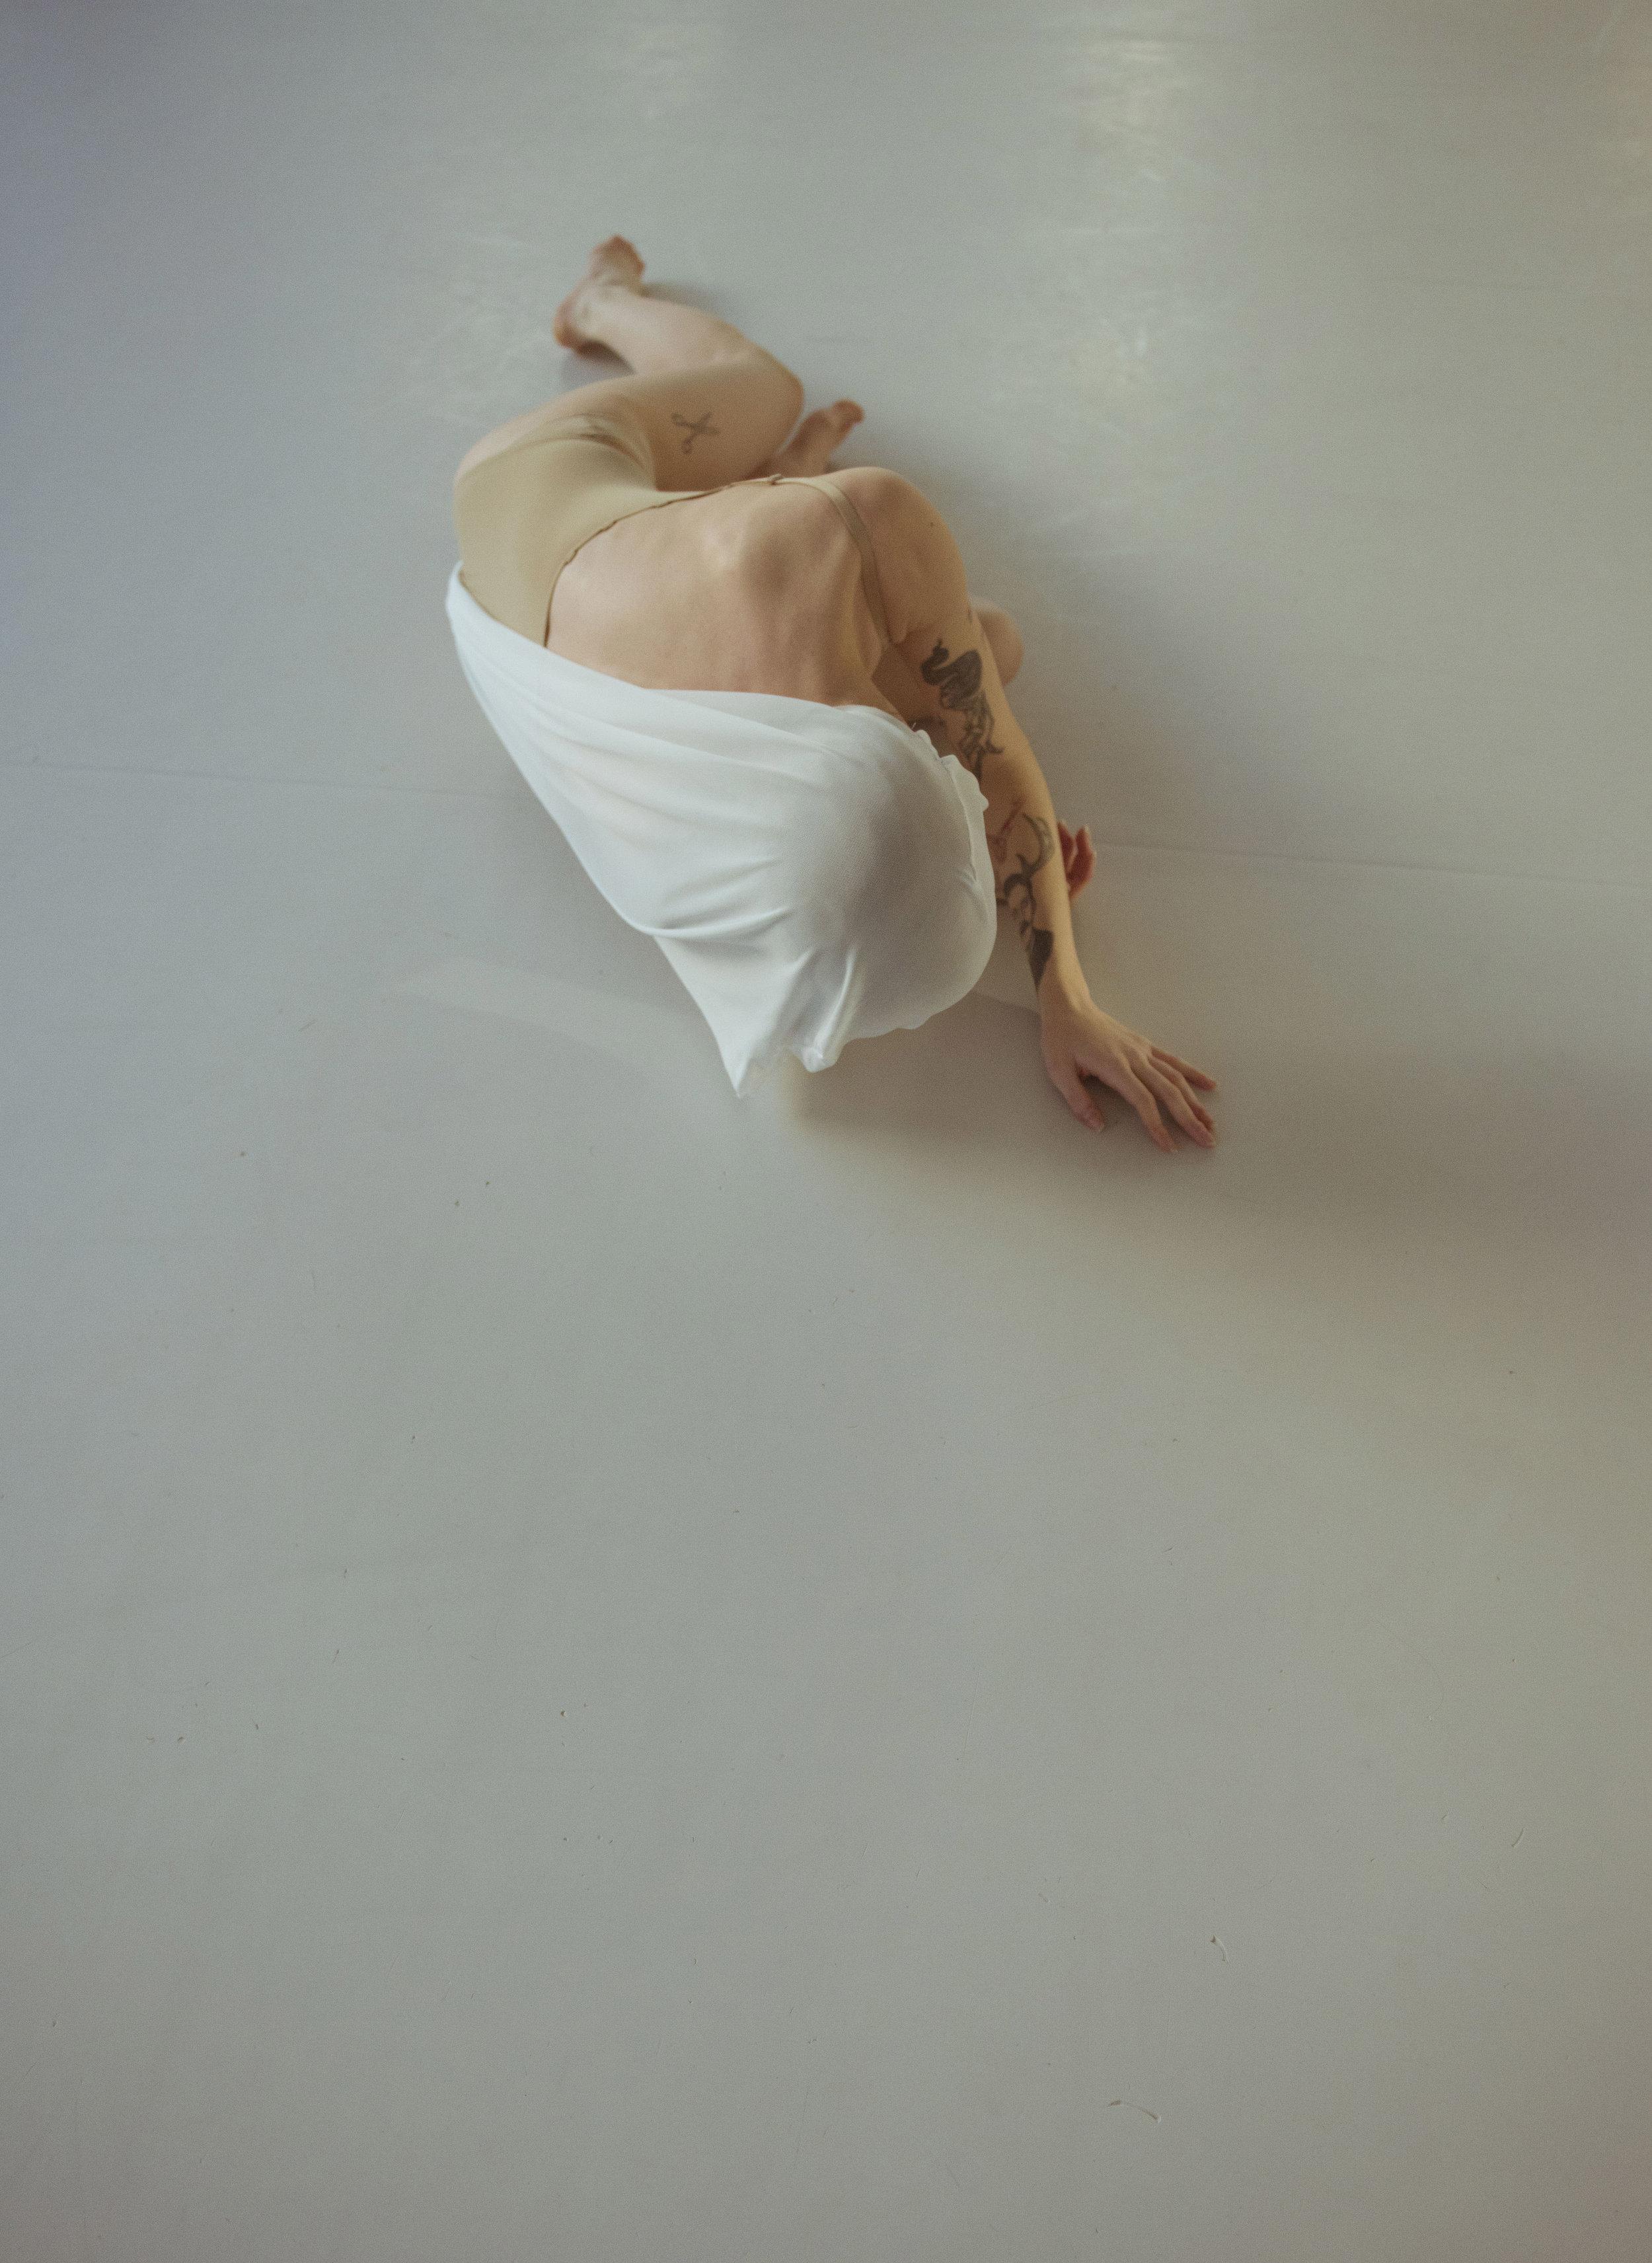 kerry_curl_amy_ollett_dance_east_ipswich_jan_19-9198.jpg